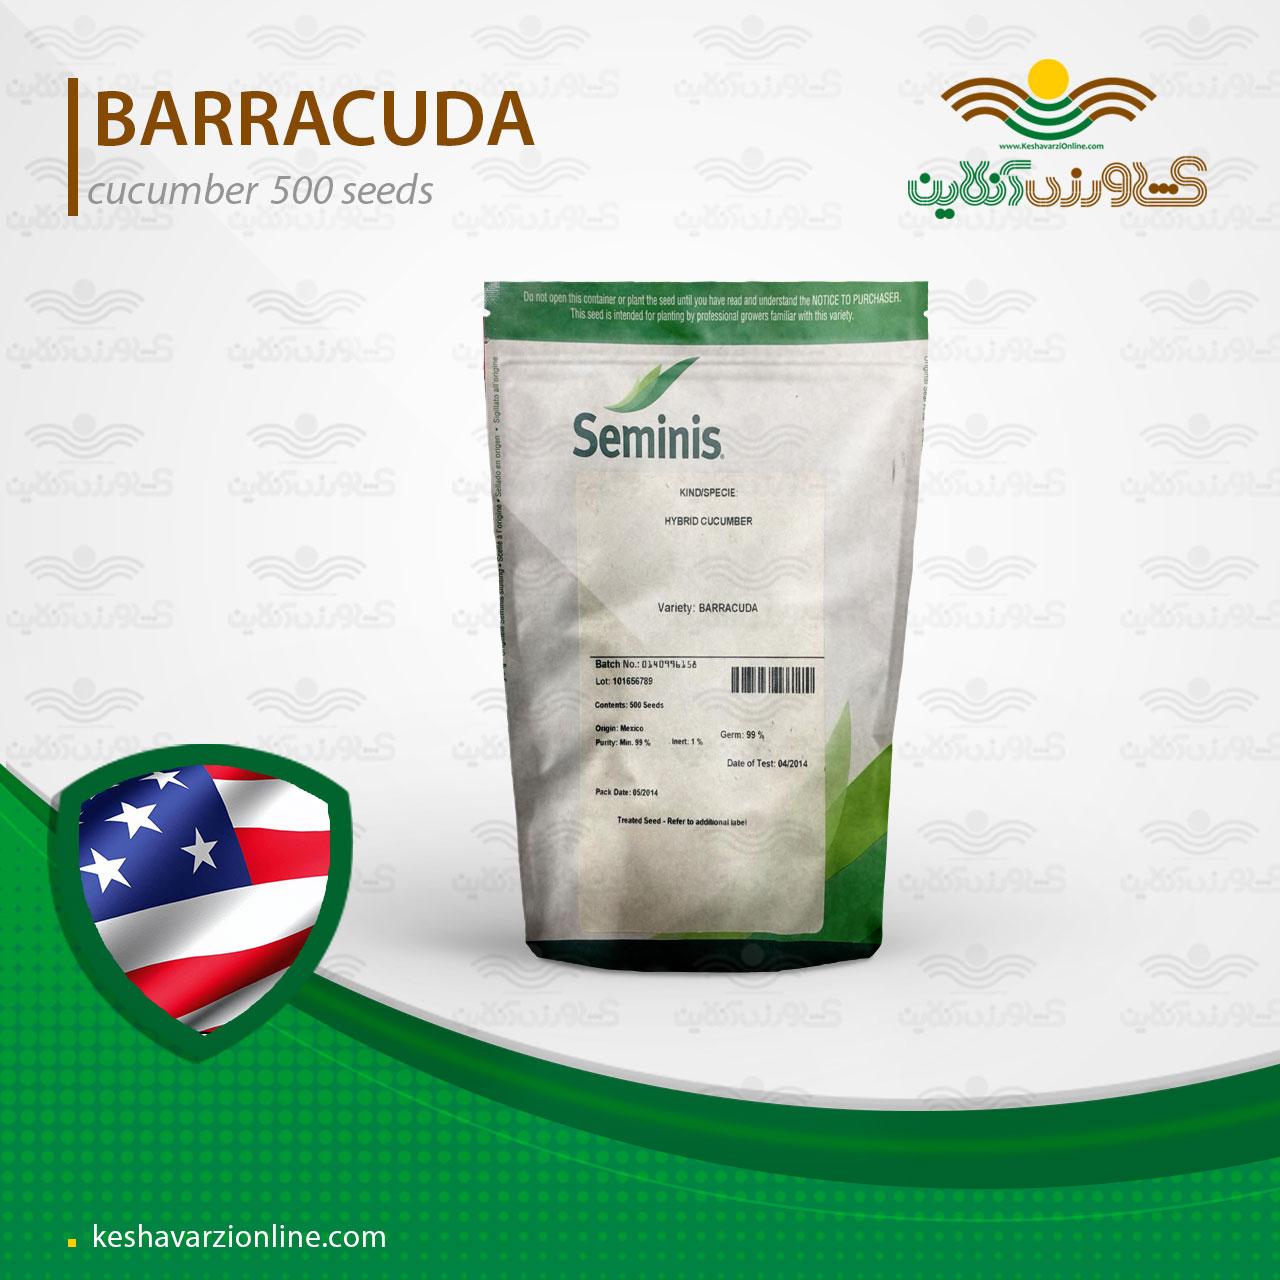 بذر خیار گلخانه ای هیبرید باراکودا